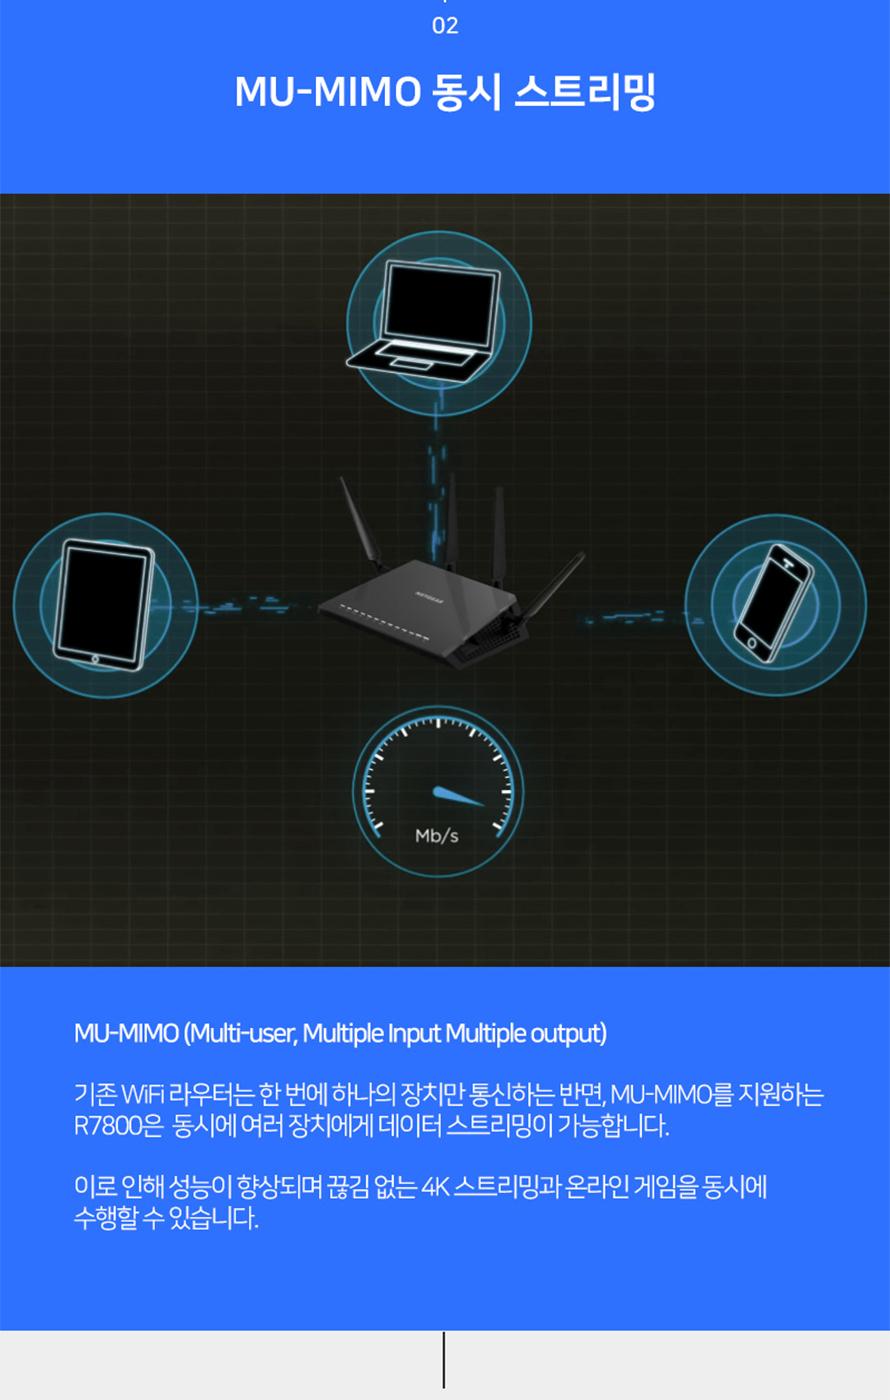 넷기어 Nighthawk X4S R7800 유무선공유기